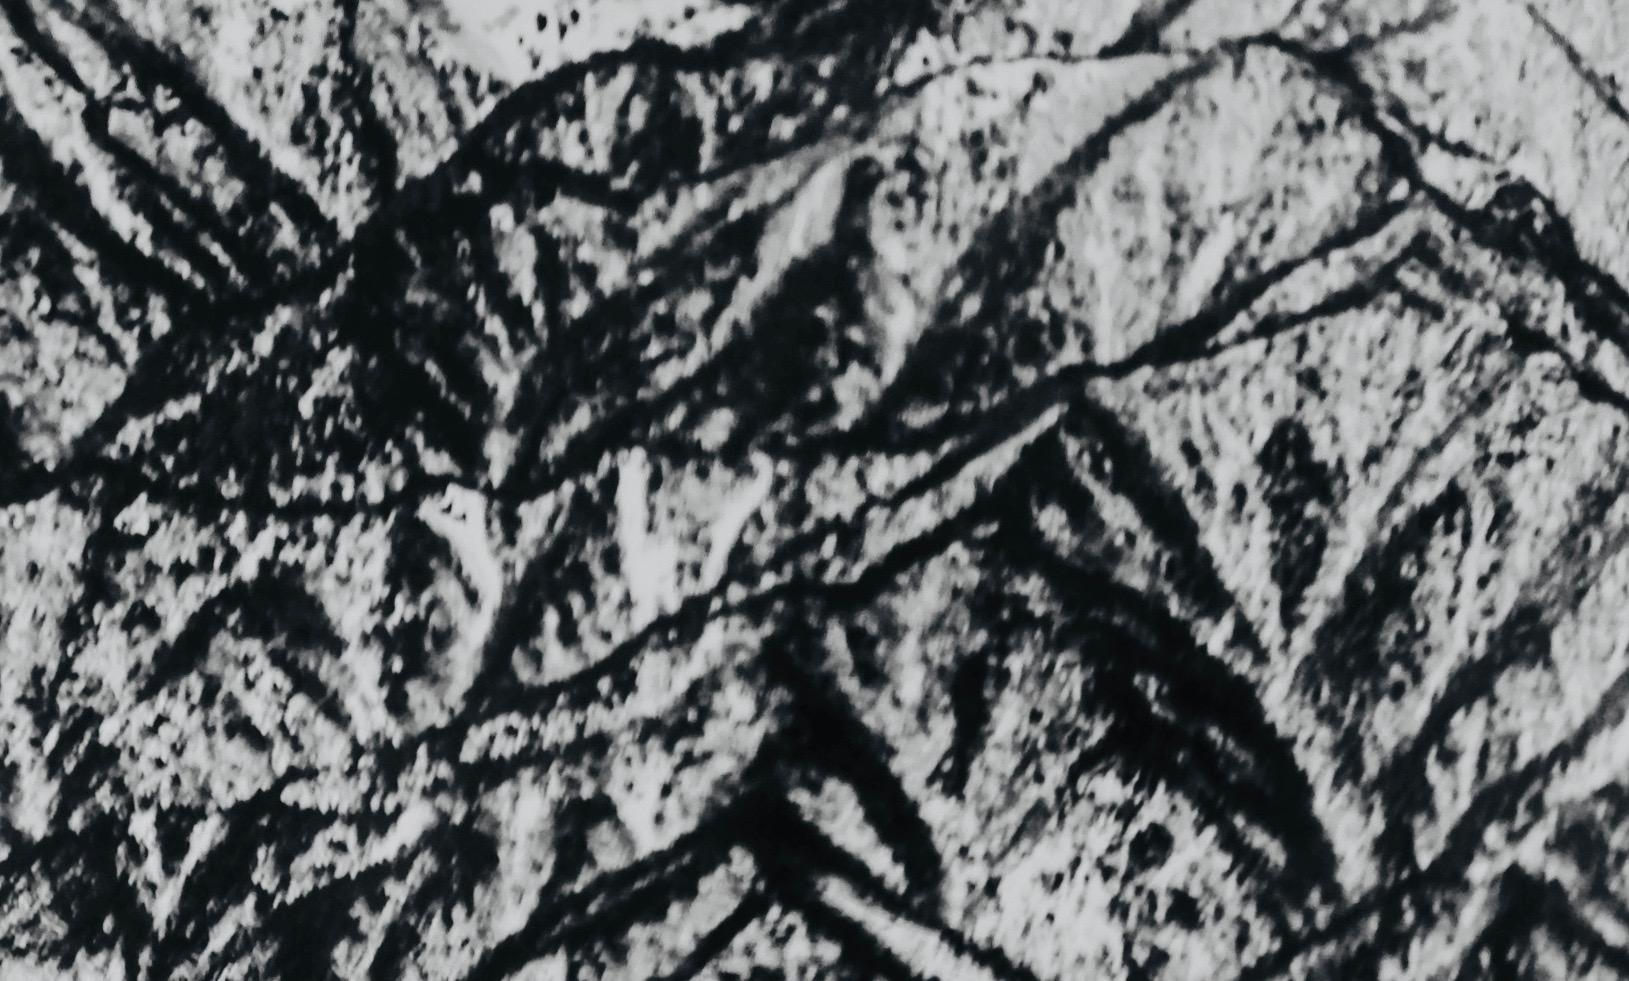 Ishka Michocka: Baum-Fotografien